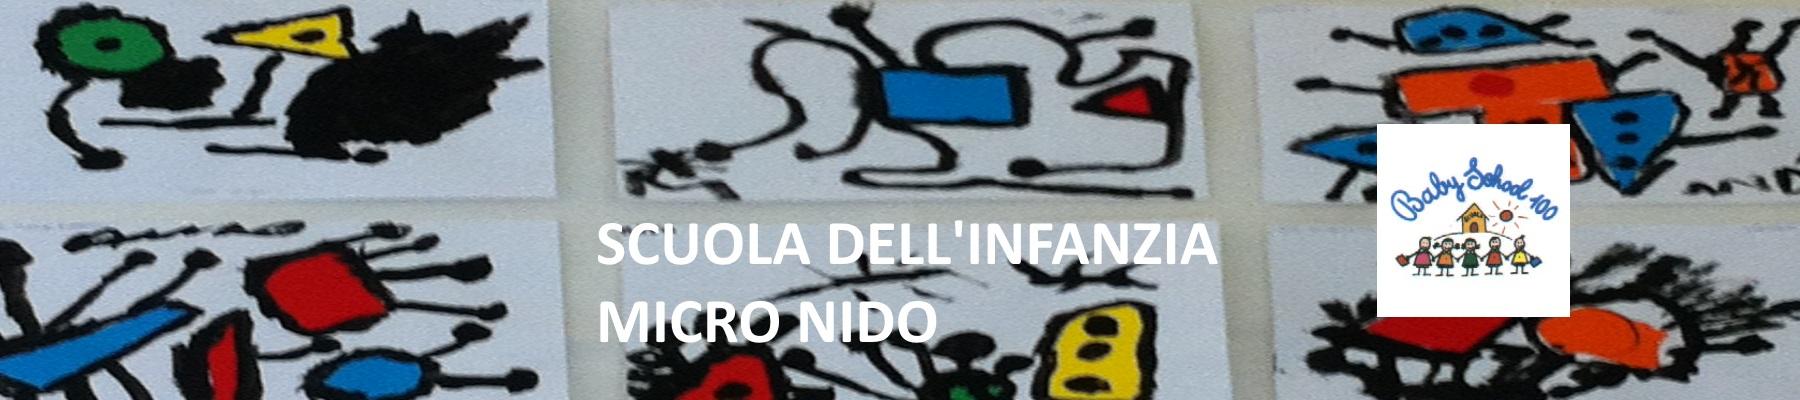 AFFILIATO BABY SCHOOL 100 – SESTU